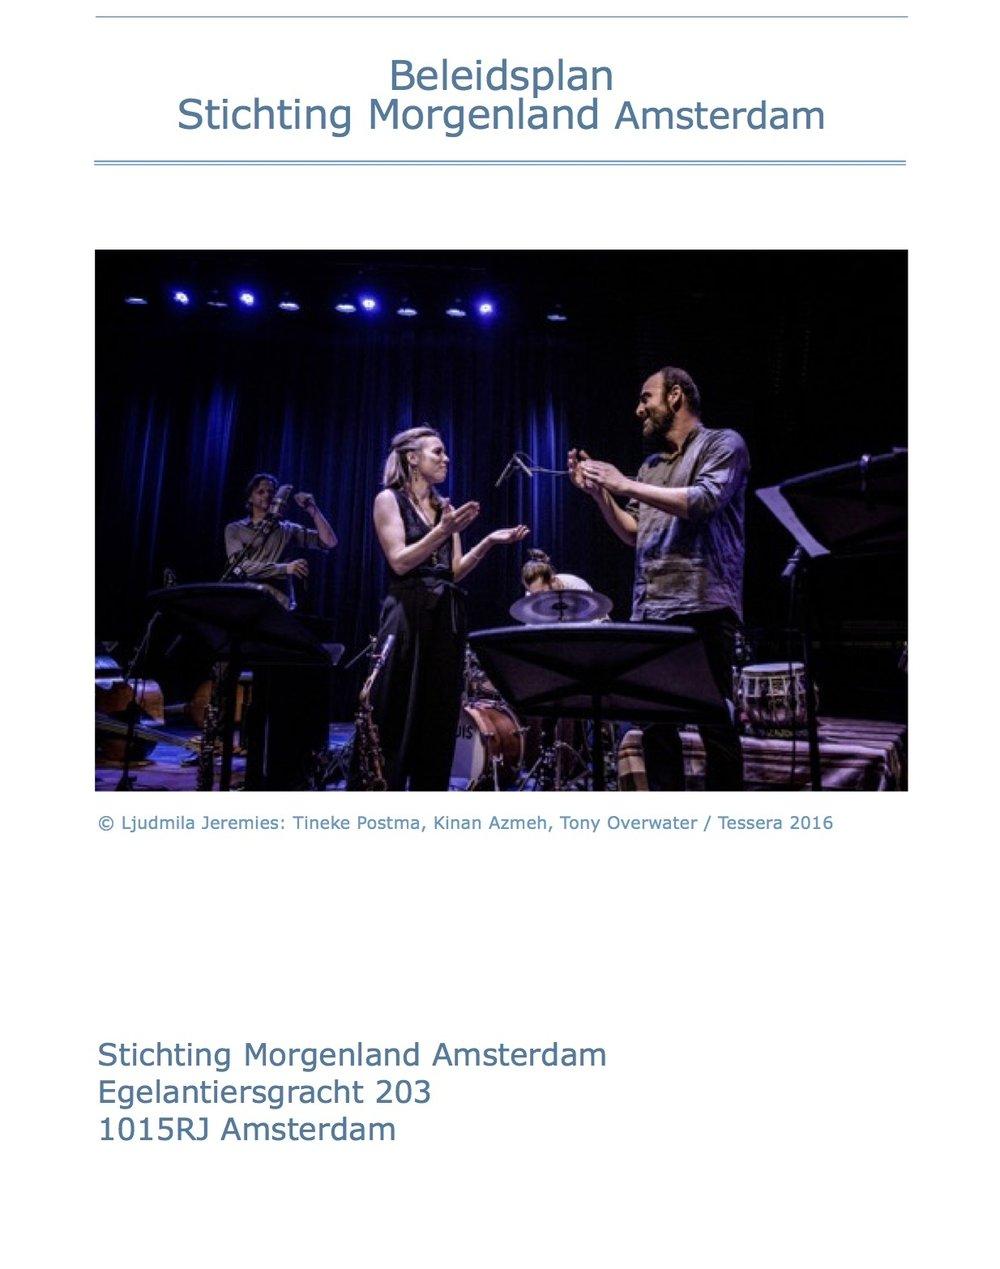 Beleidsplan Stichting Morgenland Amsterdam.jpg